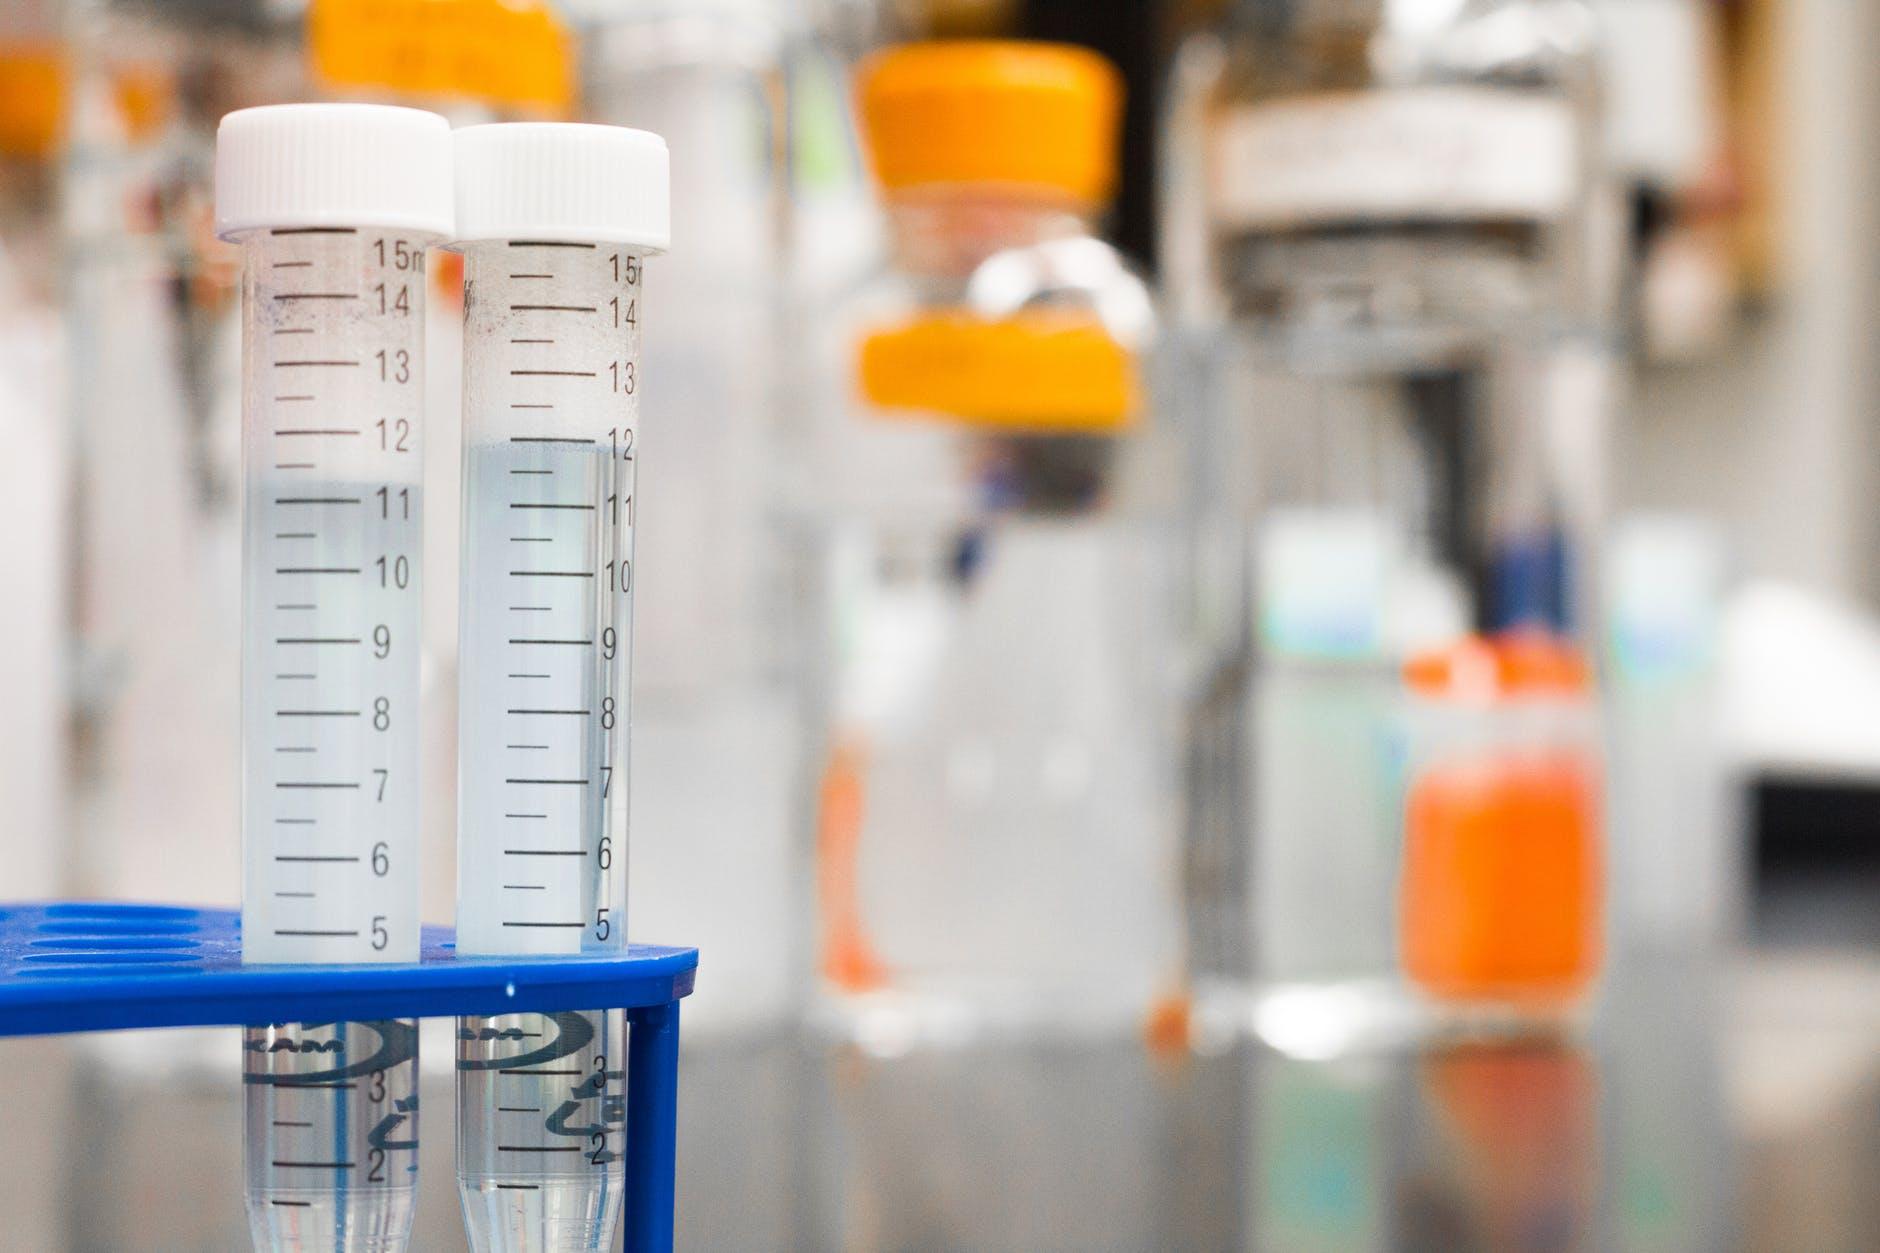 Oxfordlu Bilim İnsanları Hızlı bir Korona Virüs Test Teknolojisi Geliştirdi!